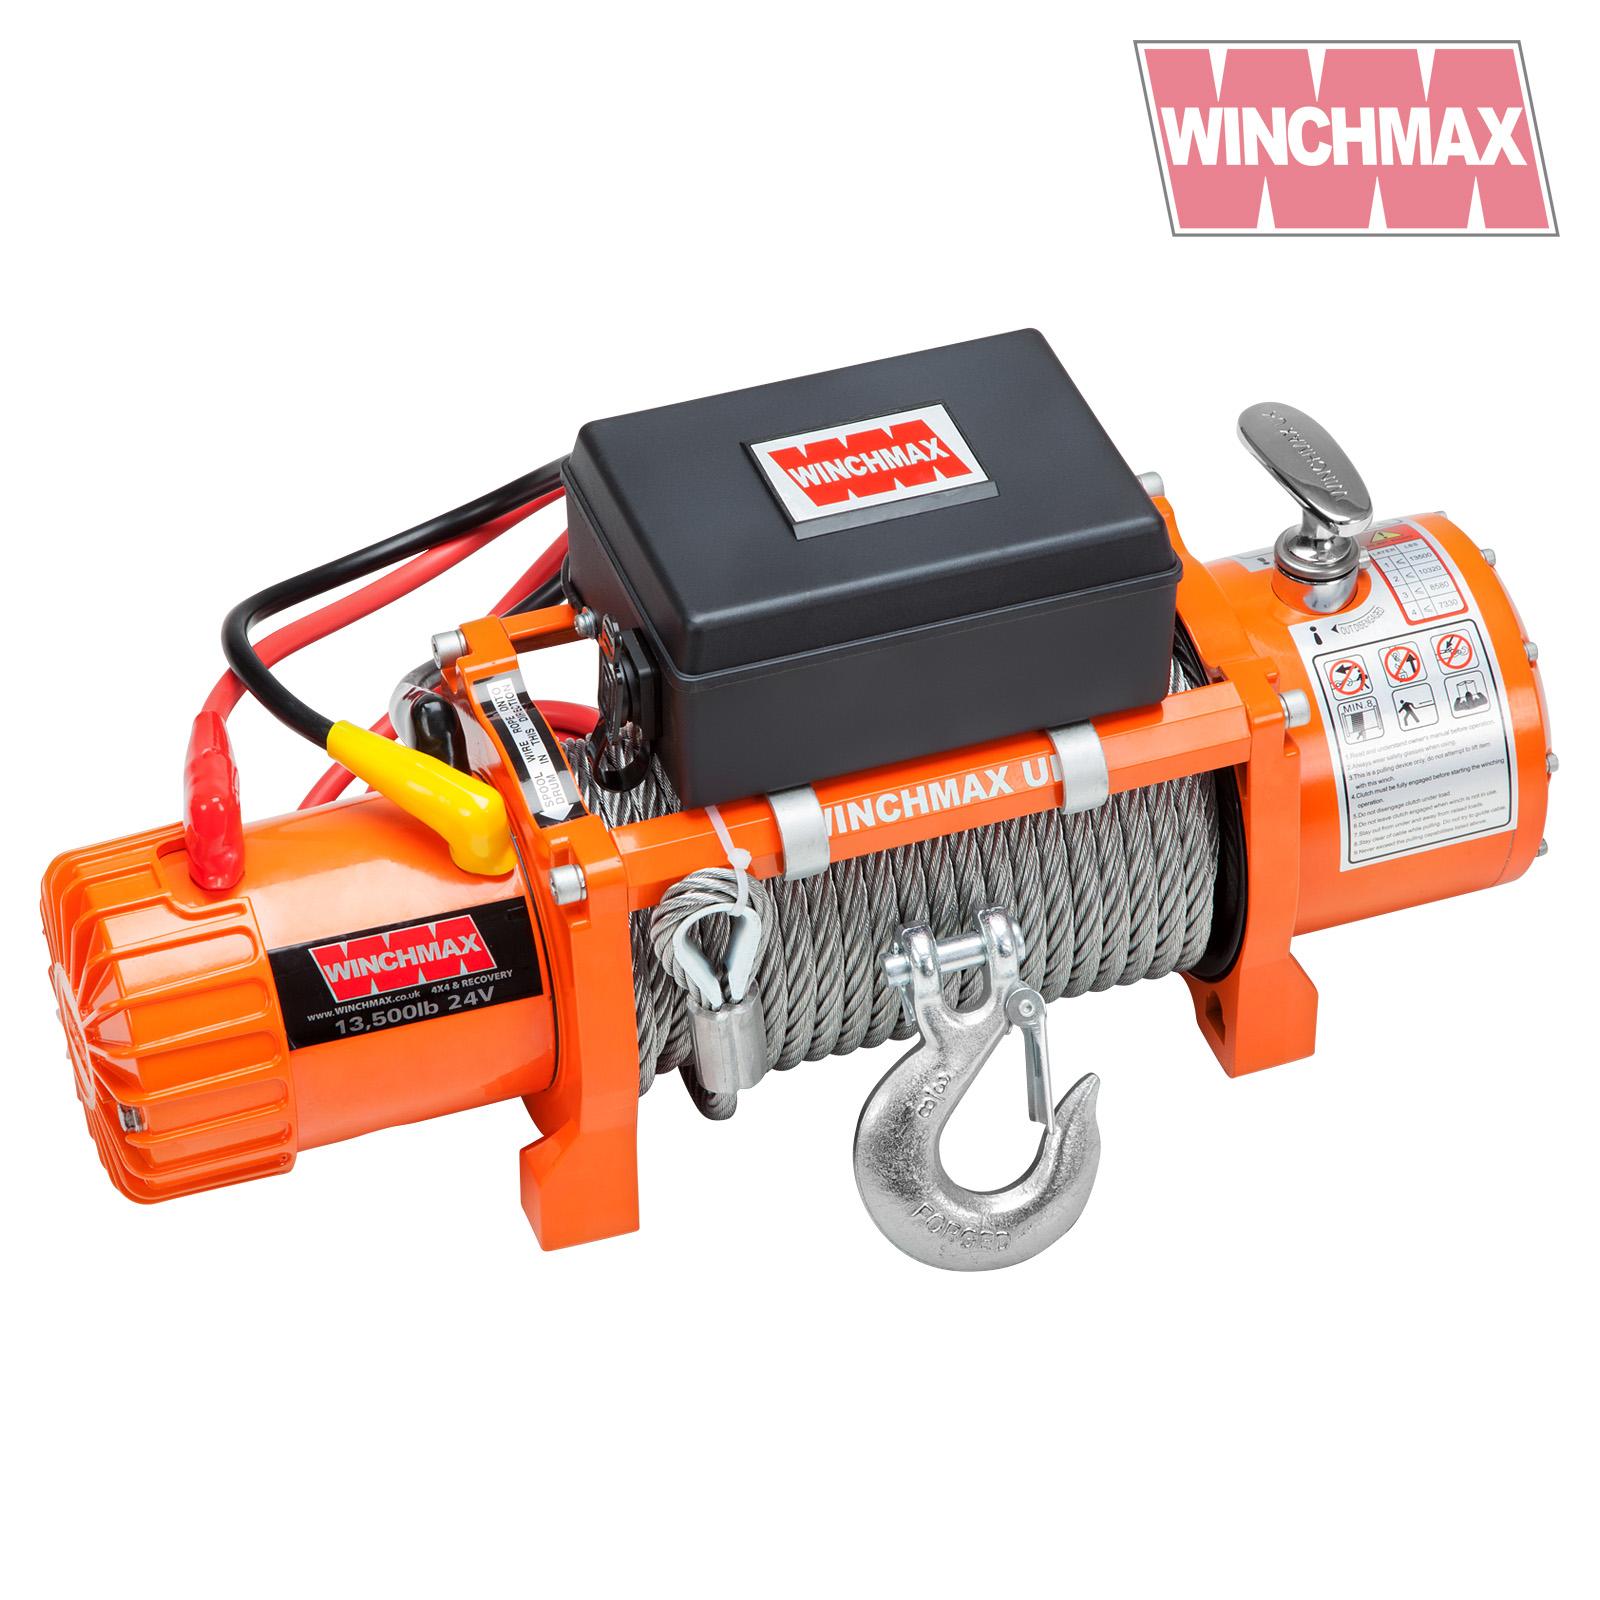 Wm1350024vr winchmax 04